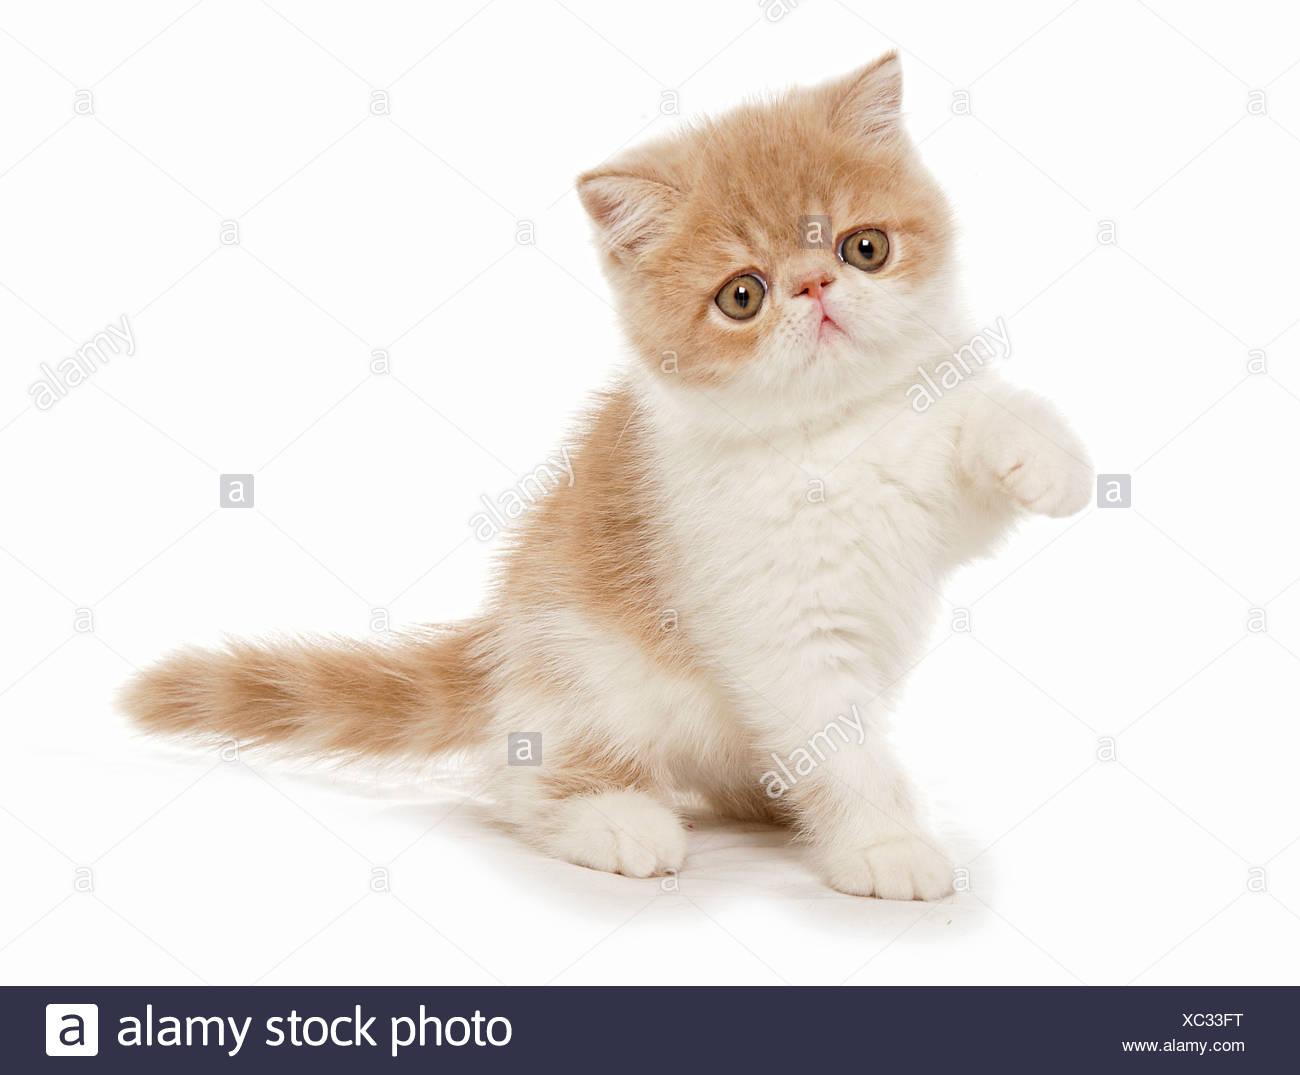 simmer kitten tumblr